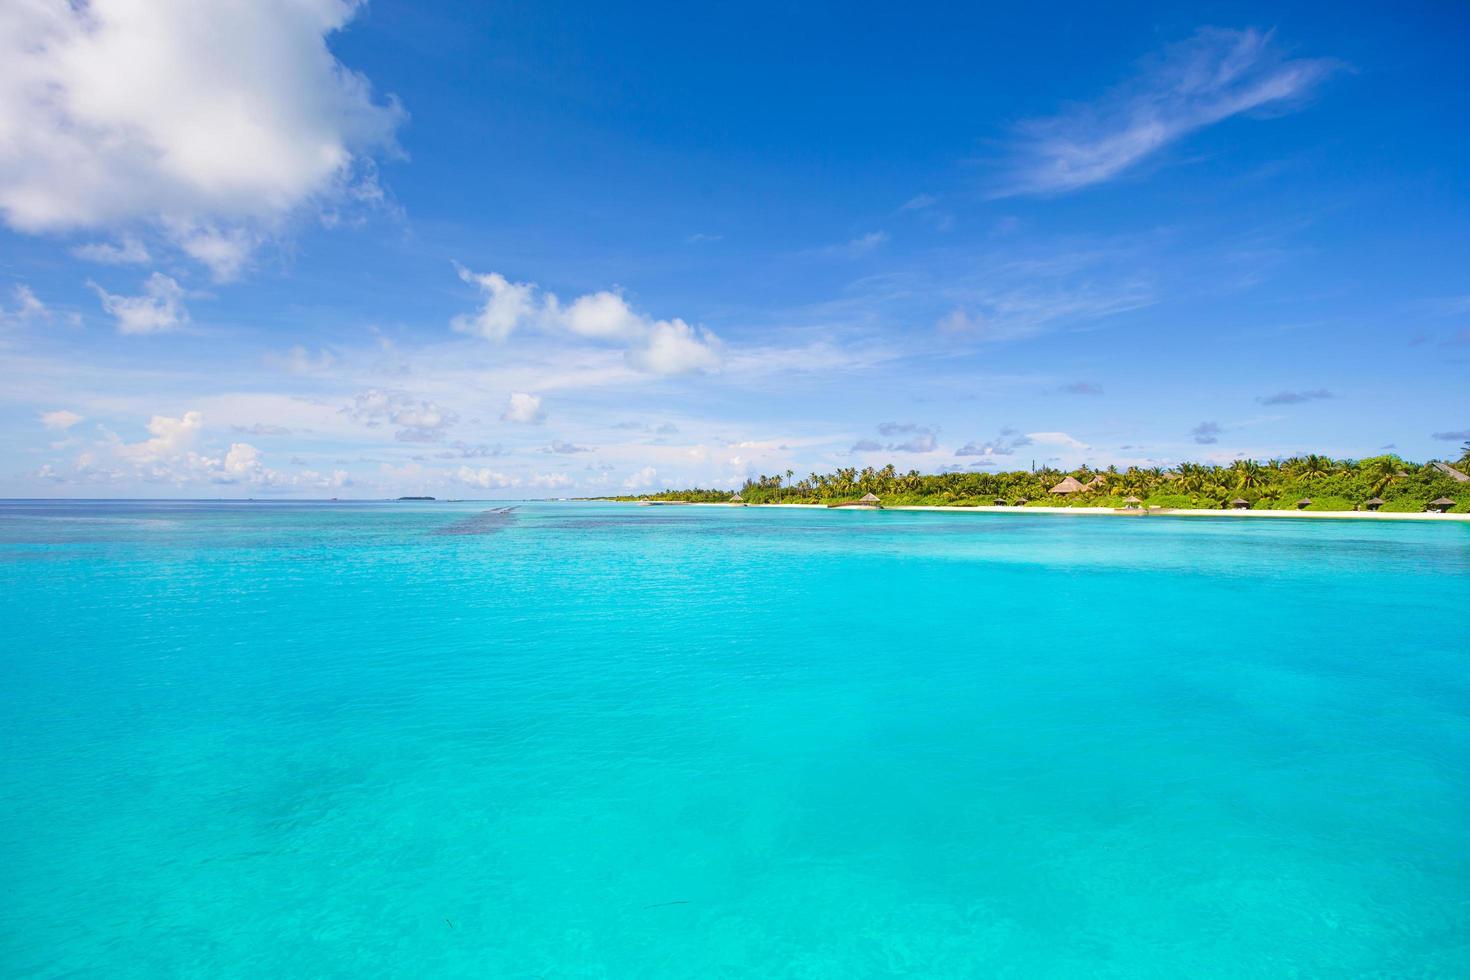 tropischer blauer Ozean und Insel foto